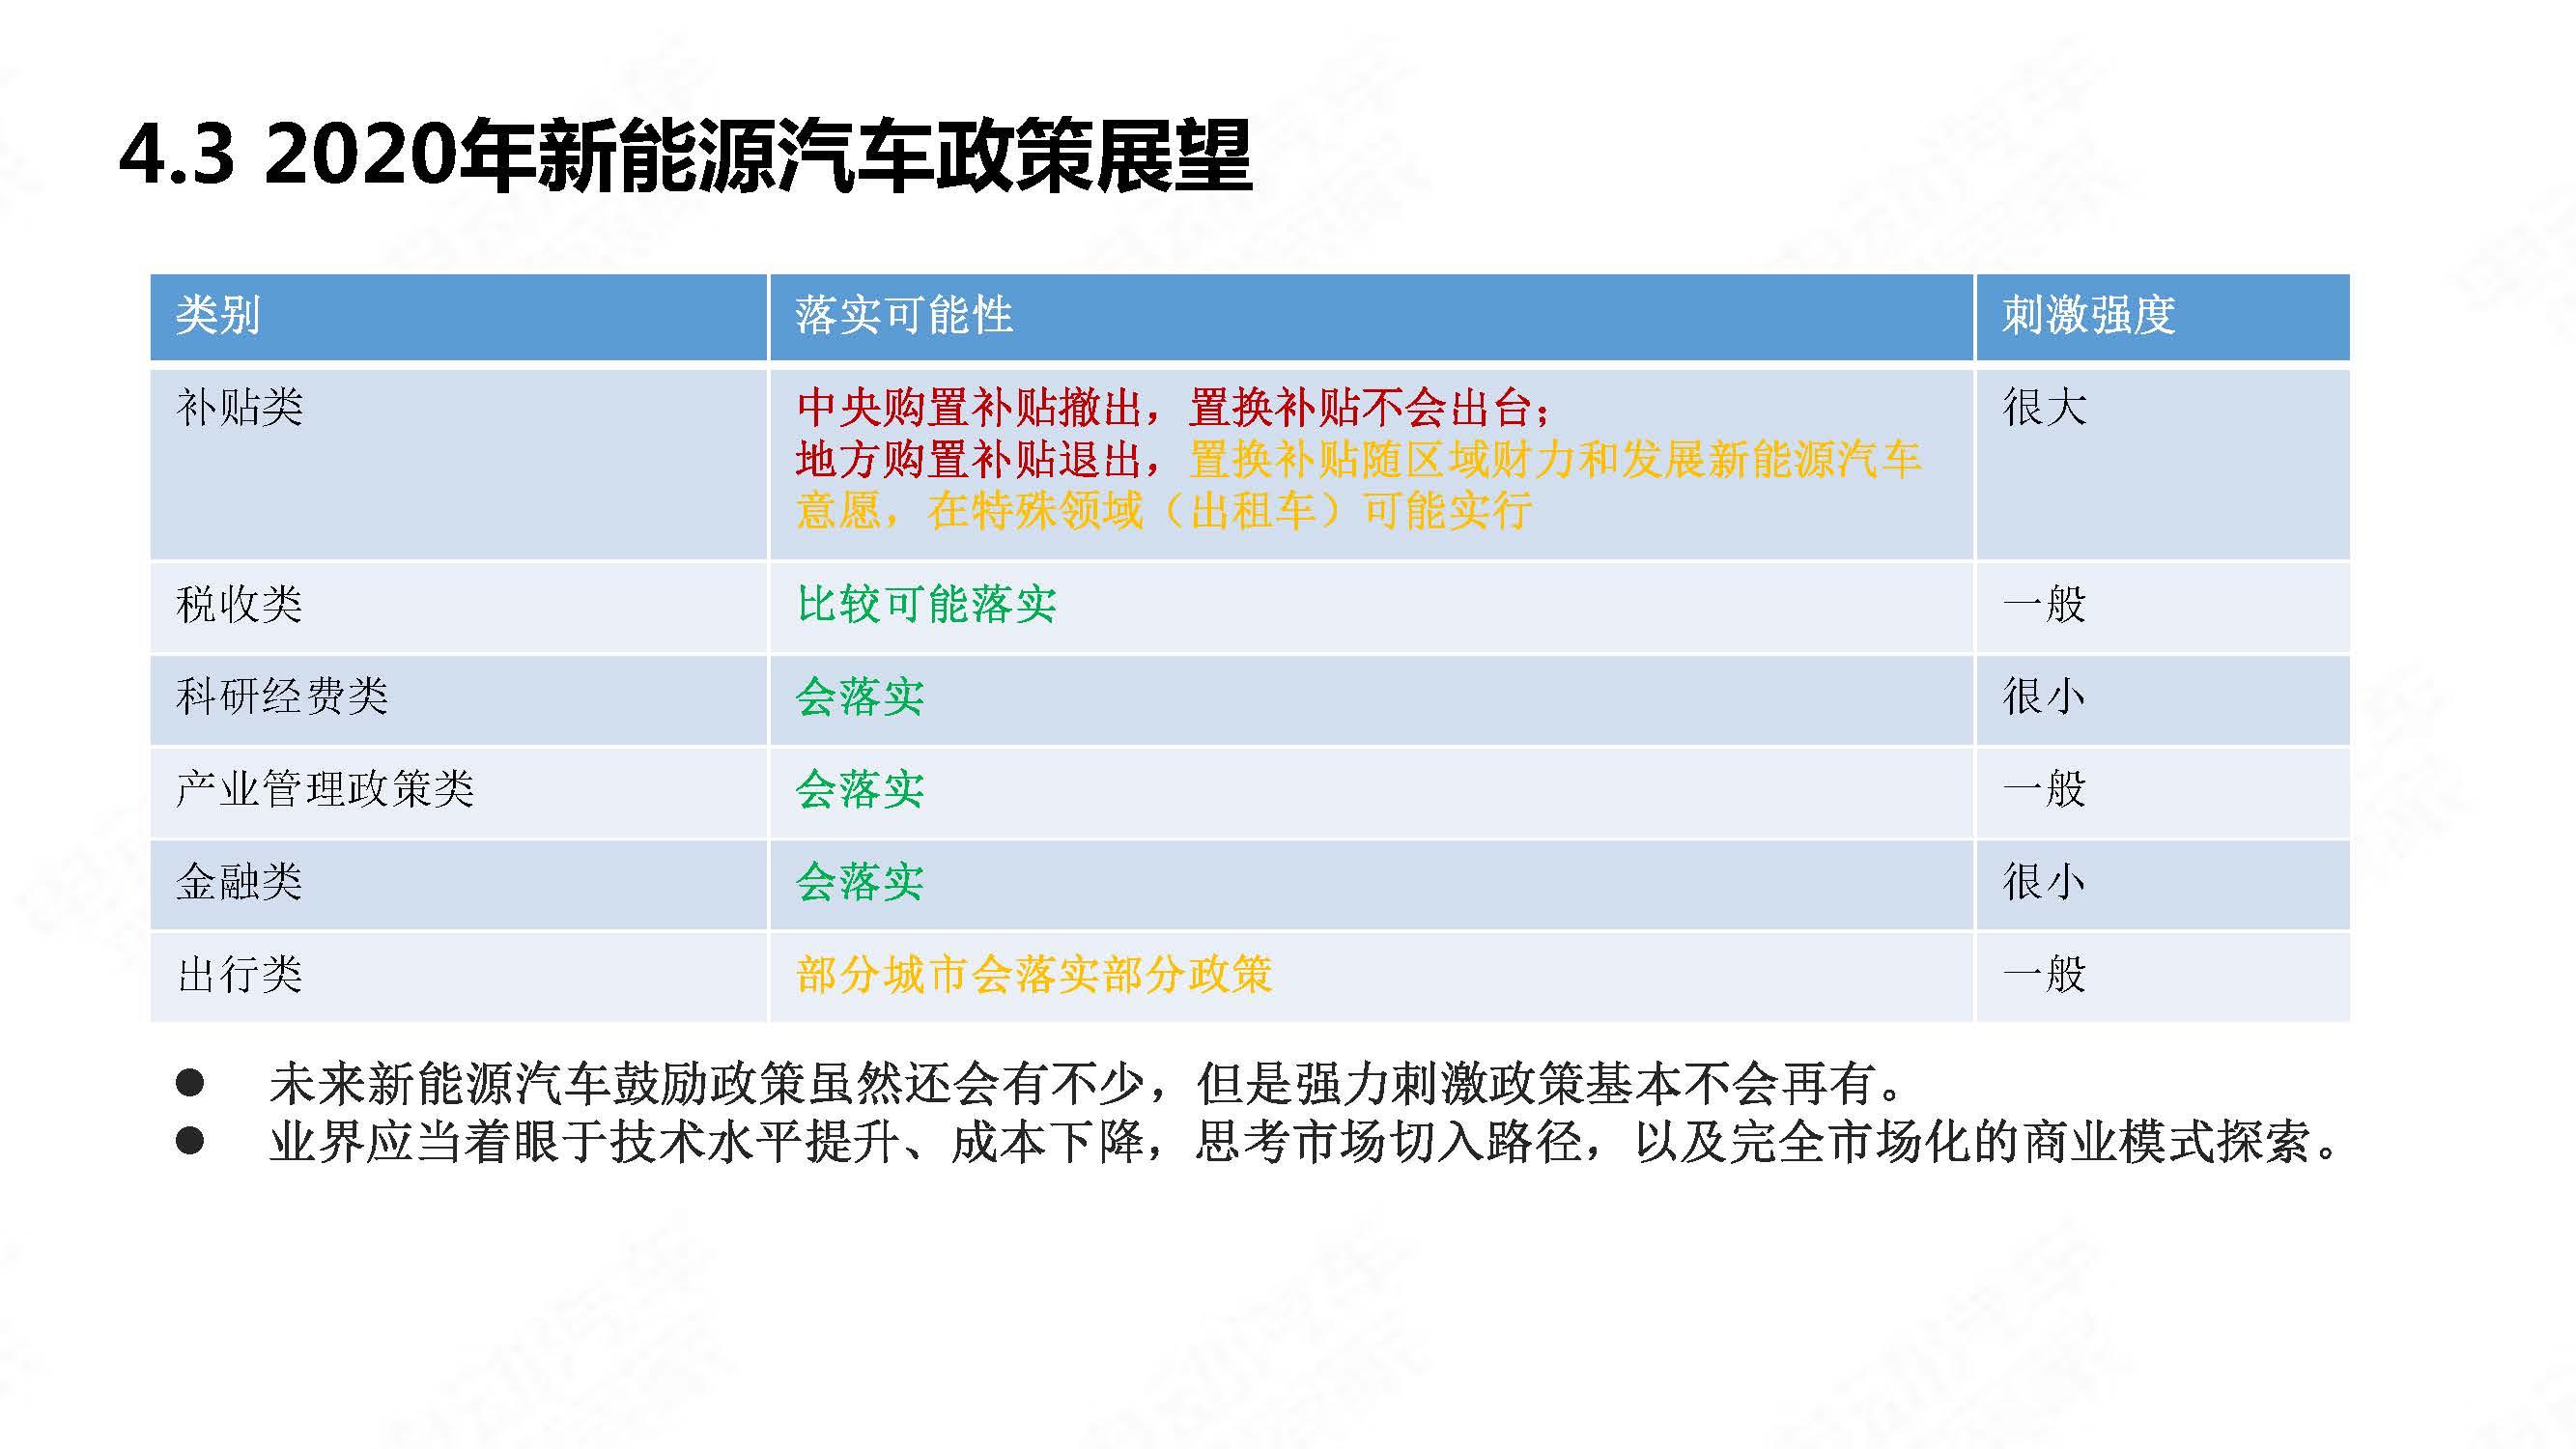 中国新能源汽车产业年度观察2020 简版_页面_46